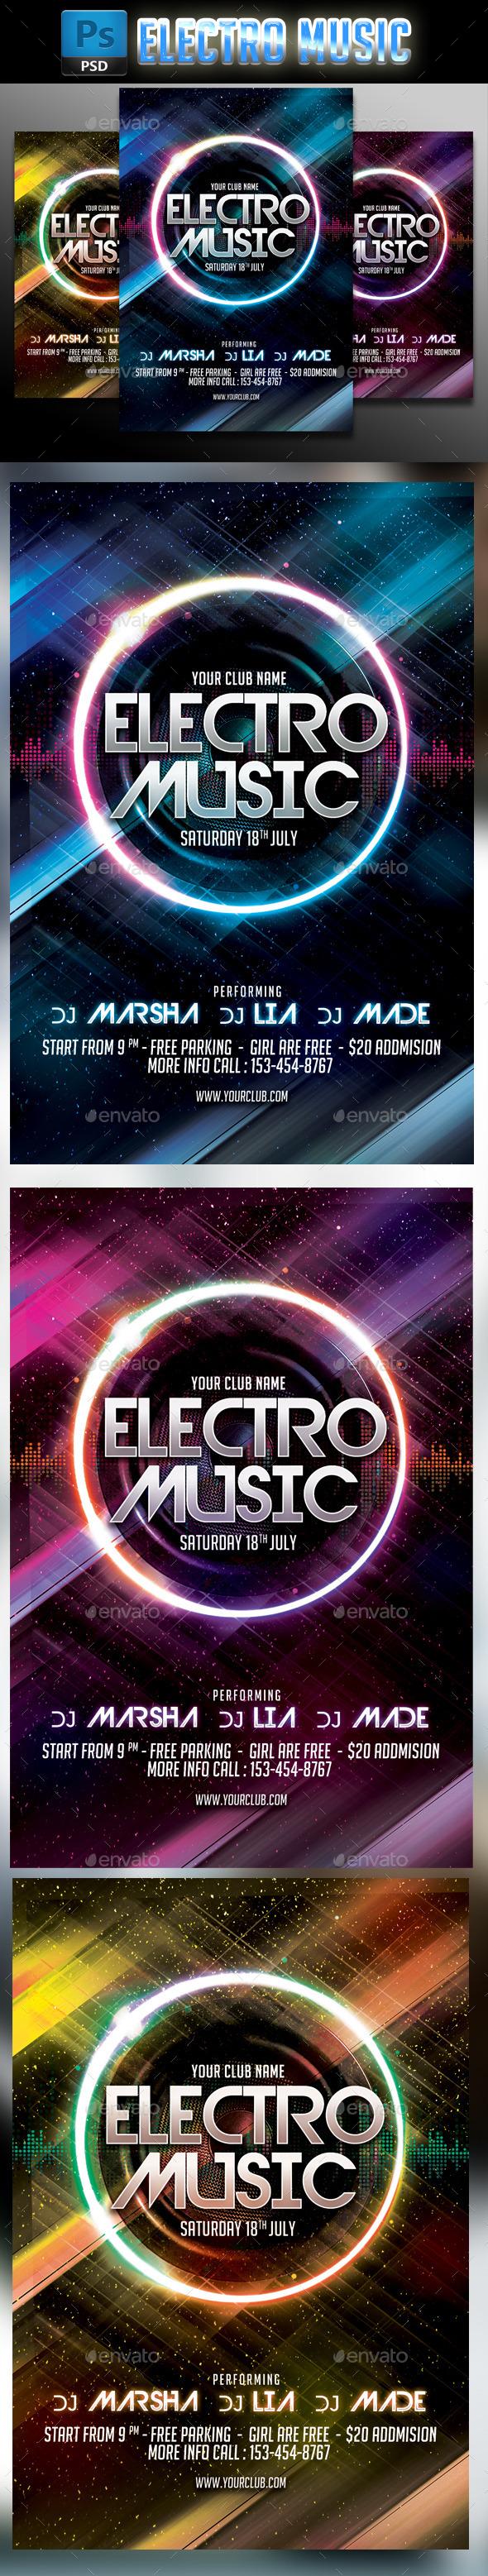 GraphicRiver Electro Music 8811099